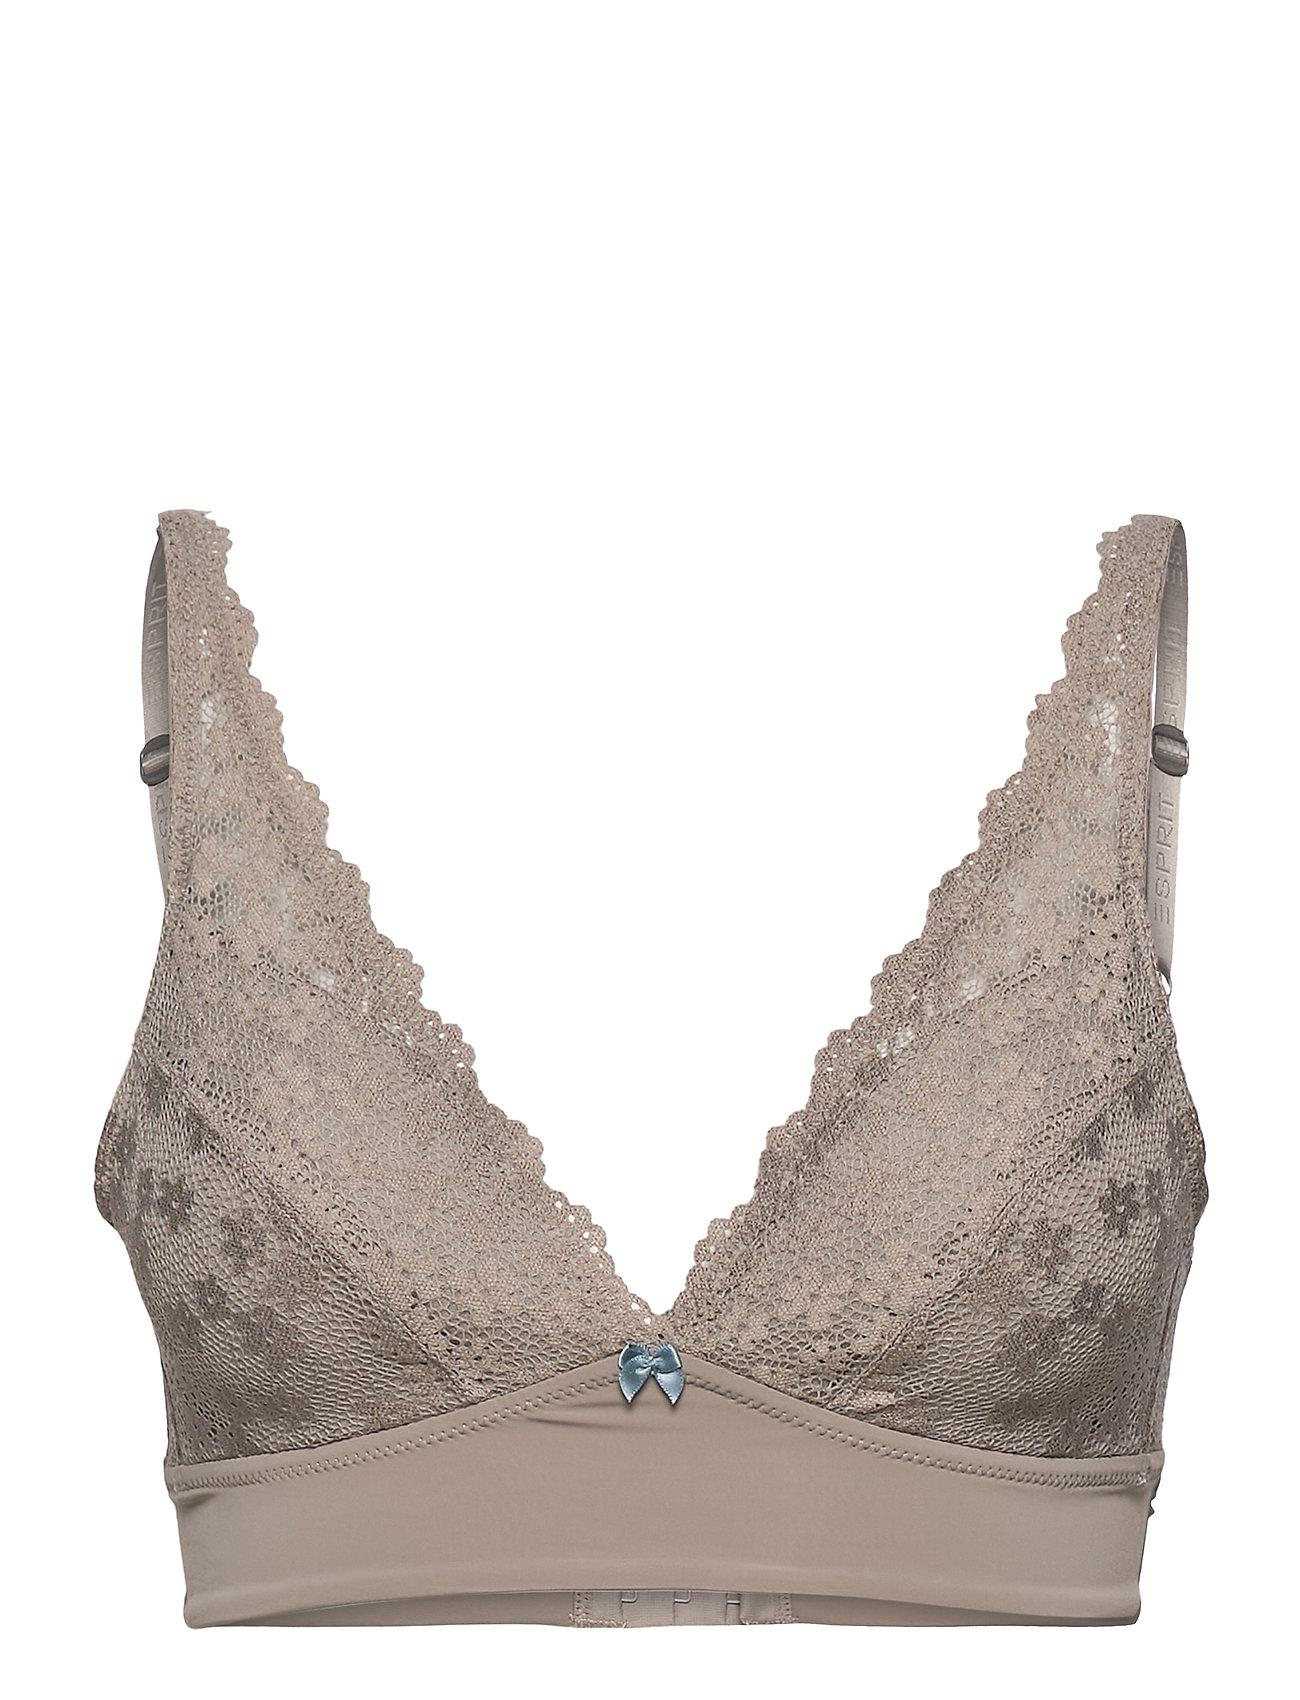 Image of Bras Wireless Lingerie Bras & Tops Padded Bras Brun Esprit Bodywear Women (3493870997)